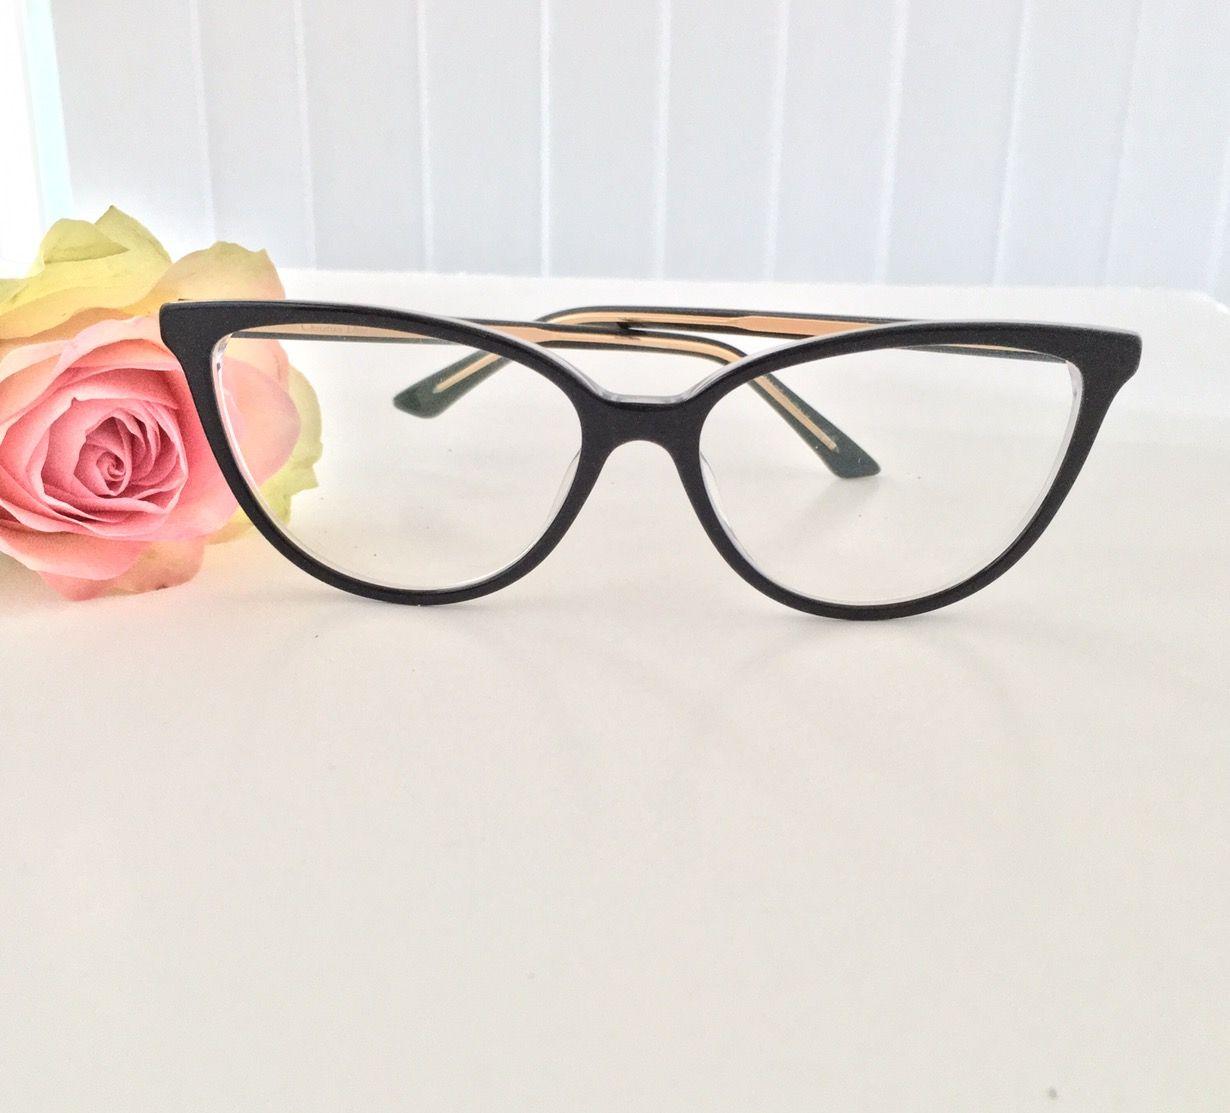 0d72b1992db Cat eye glasses so feminine find the dior optical and sunglasses jpg  1230x1113 Dior cat eye